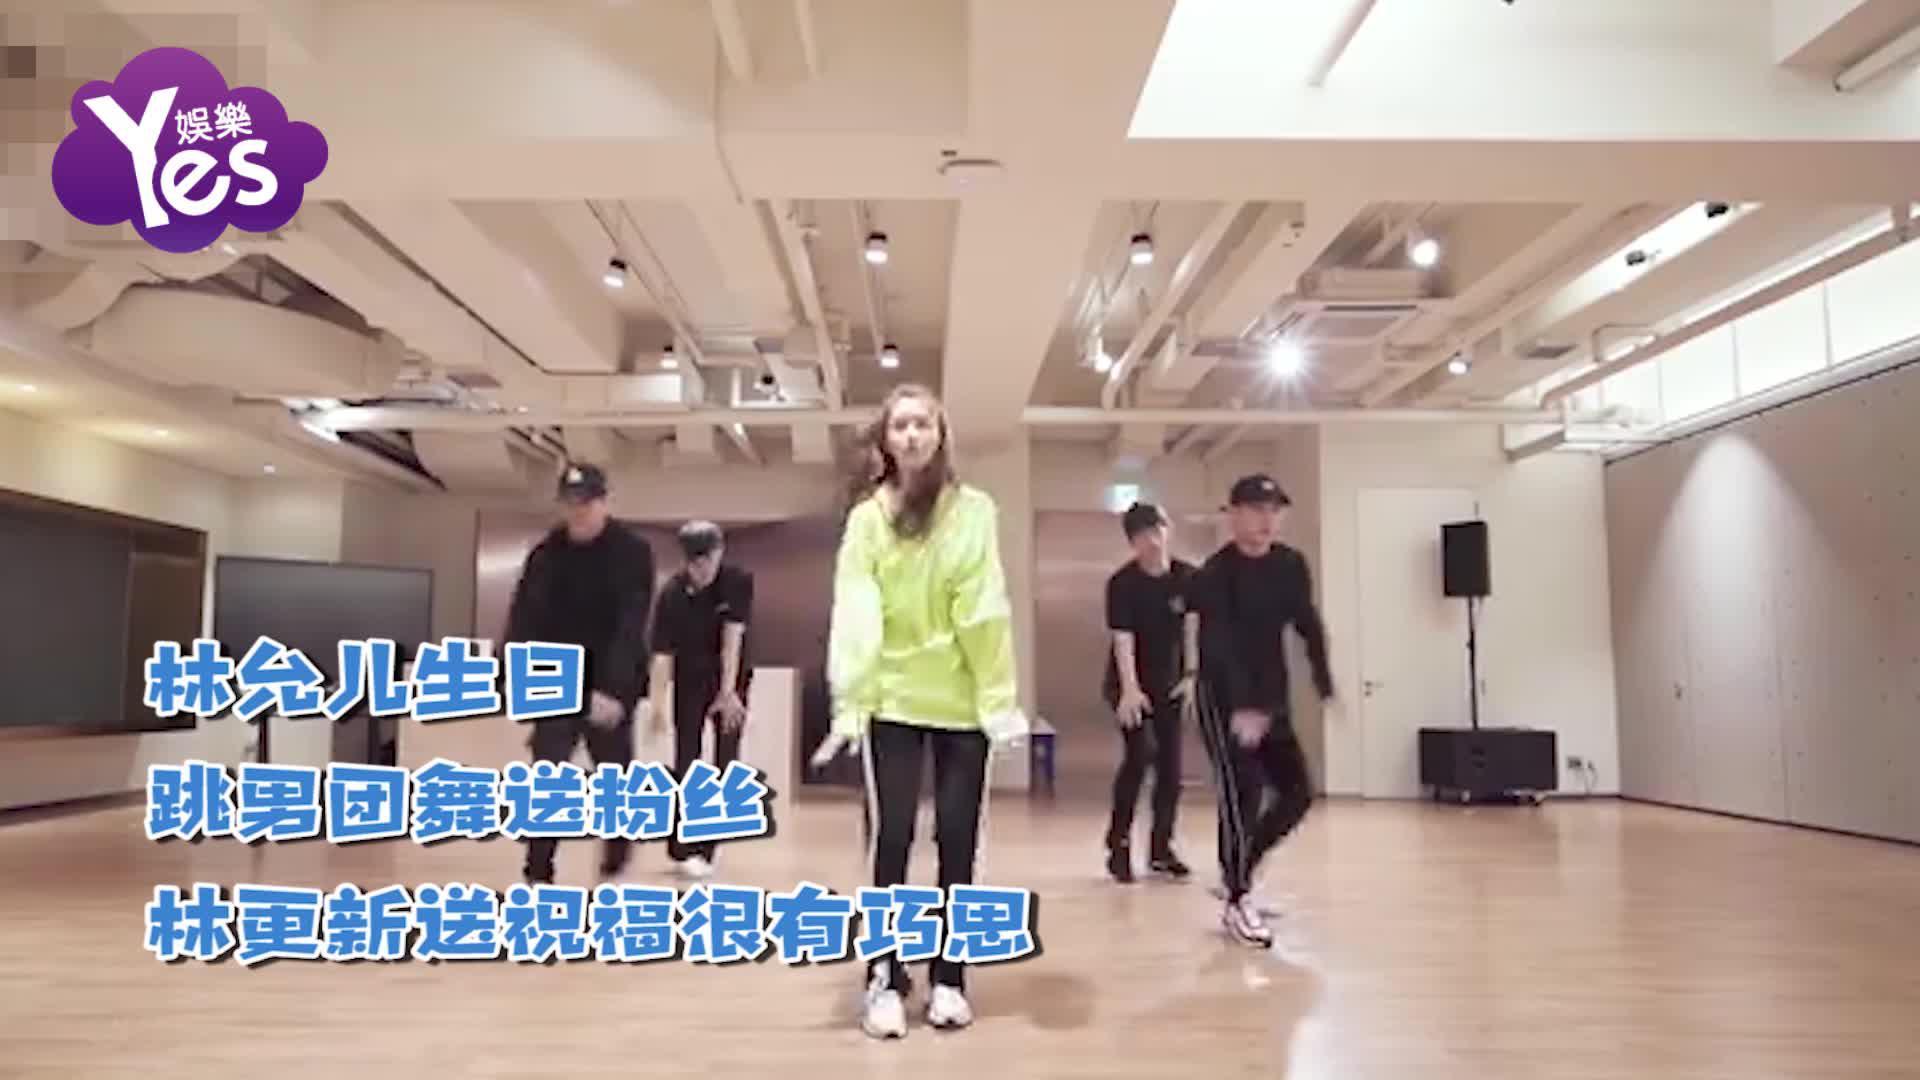 林允儿素颜出镜跳男团舞庆生   林更新留言发表情包